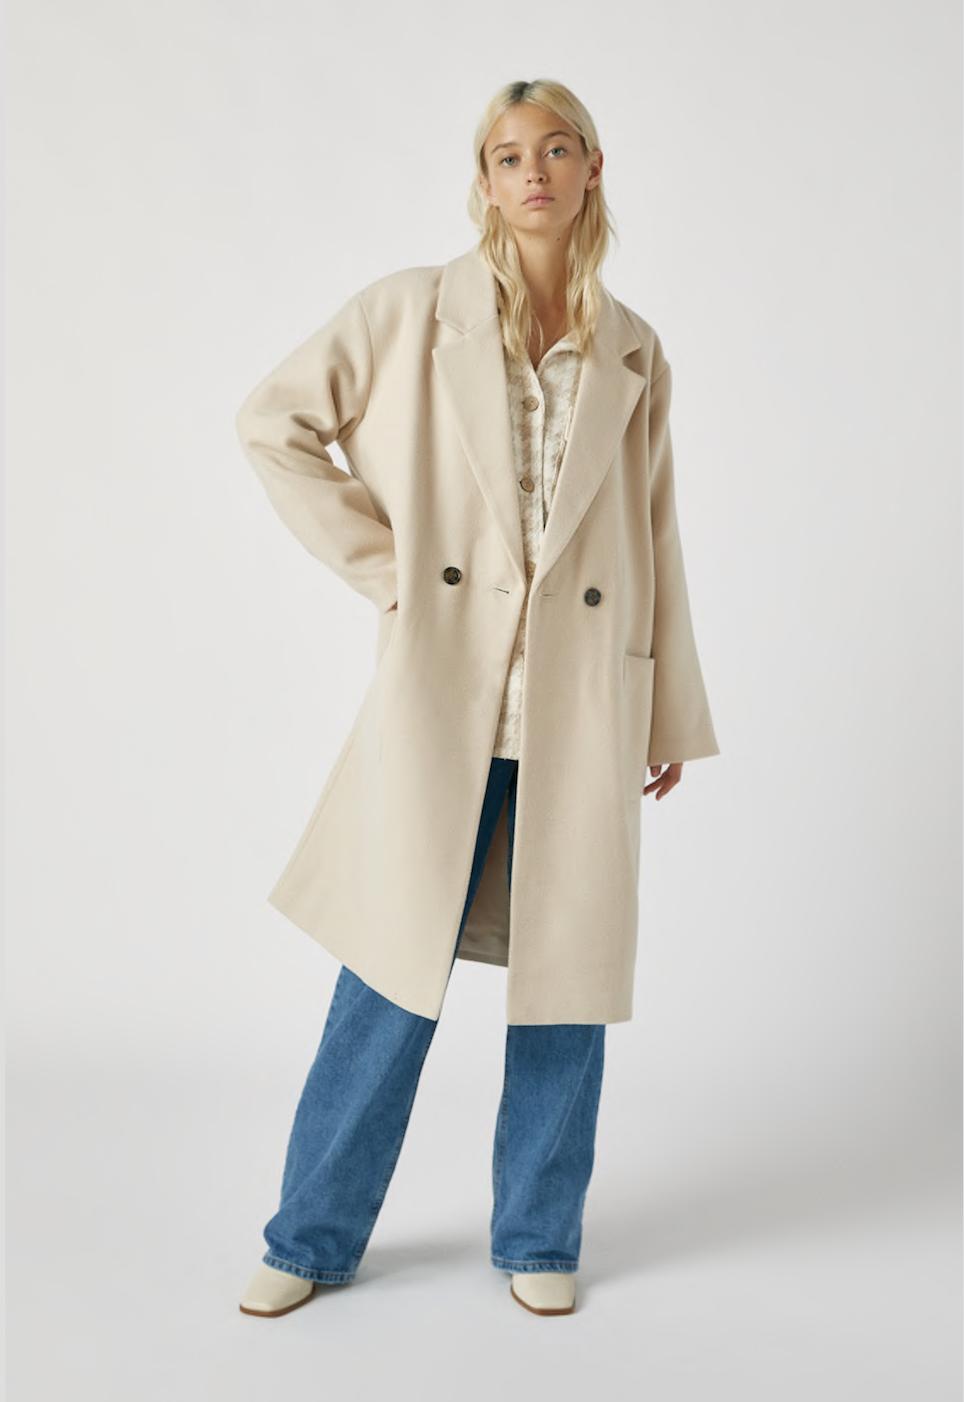 cappotti low cost autunno inverno 2020-21 pull&bear